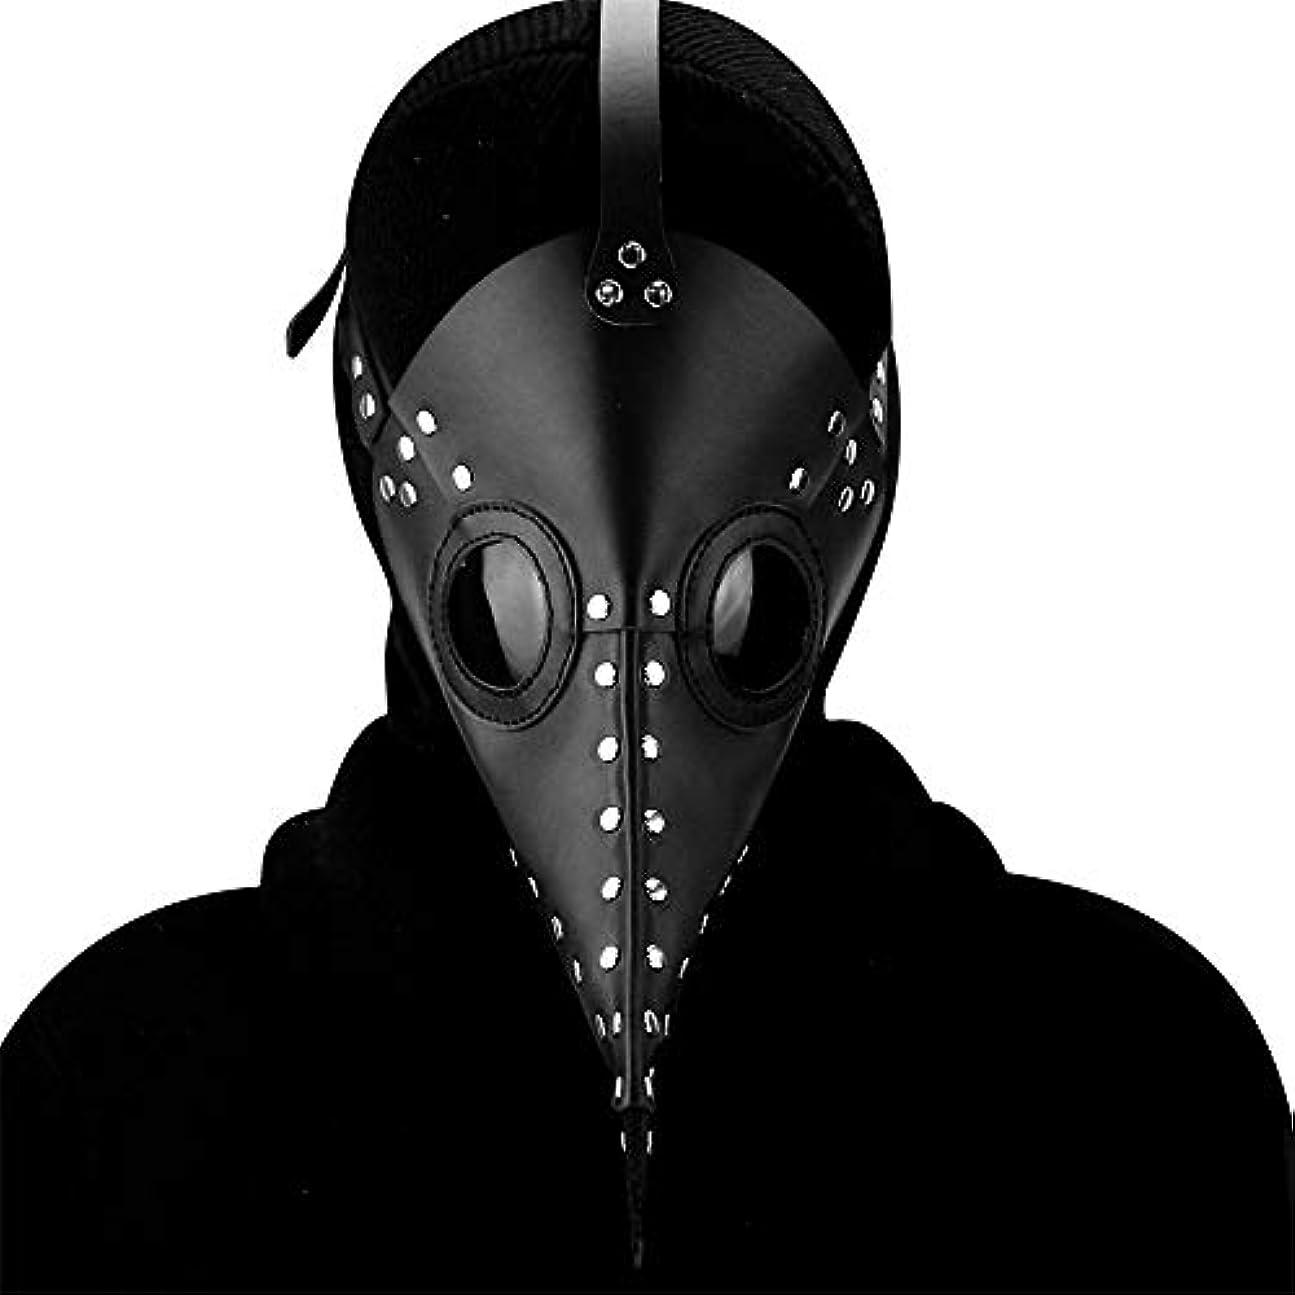 旅行仮説分析的なハロウィーンペストビークマスクパーティーの小道具仮装